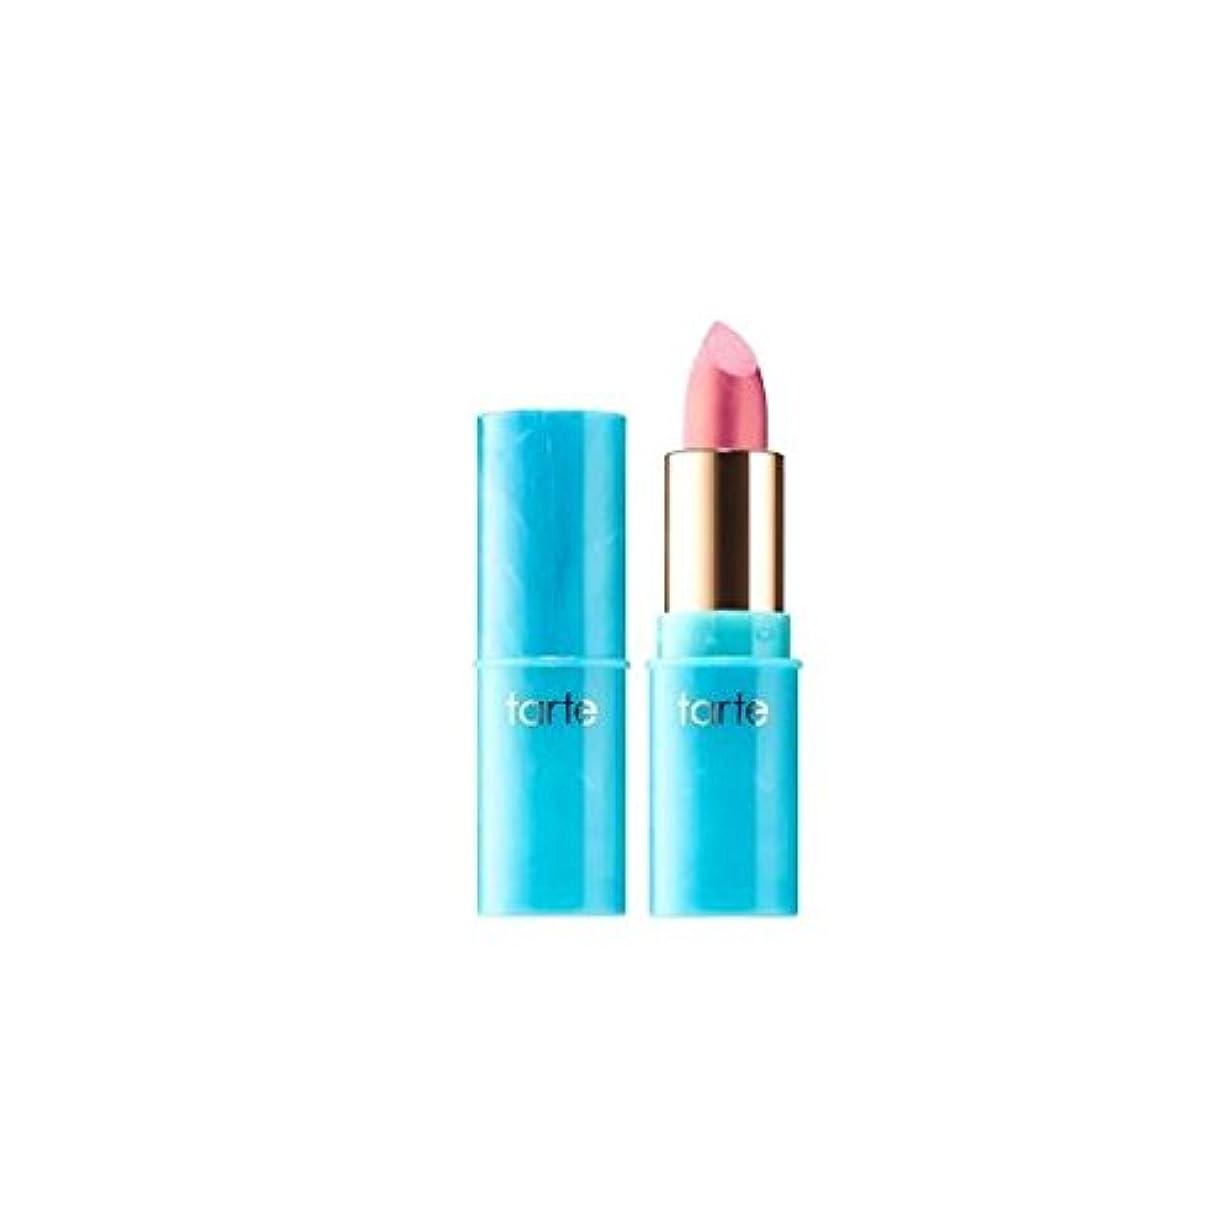 不規則なバーゲンクローンtarteタルト リップ Color Splash Lipstick - Rainforest of the Sea Collection Metallic finish